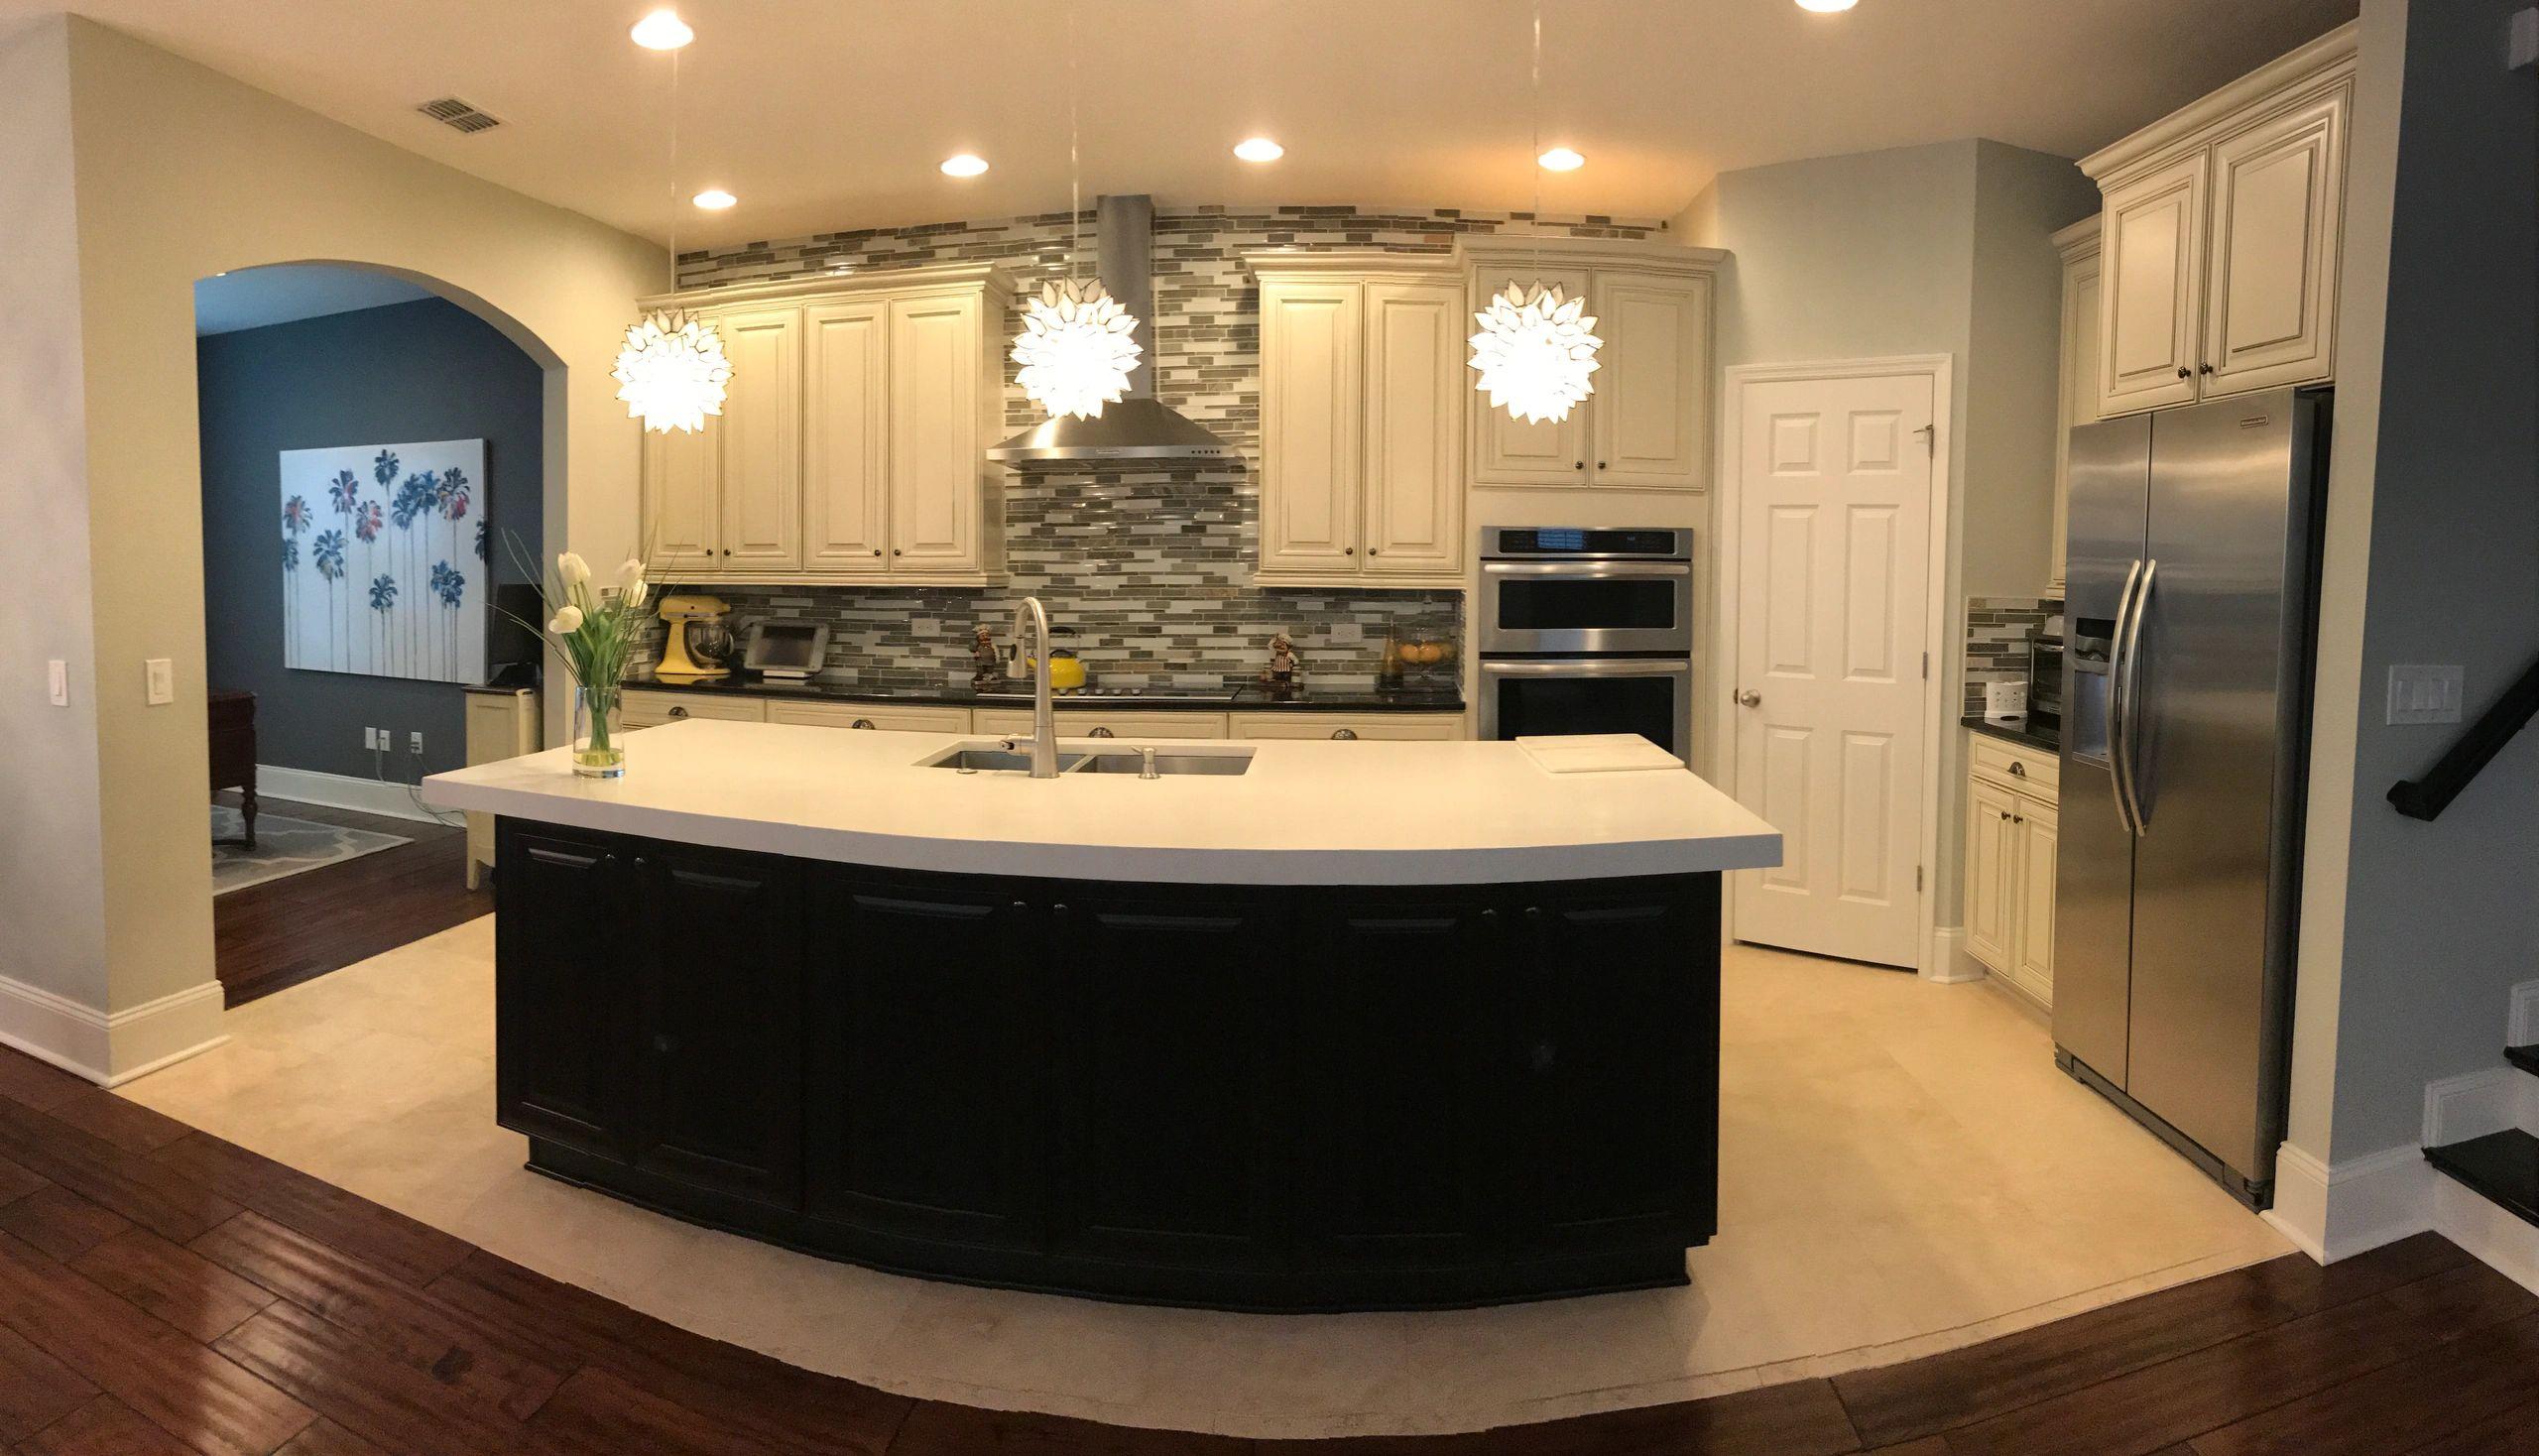 Interior Design Home Decor Renovation Consultants